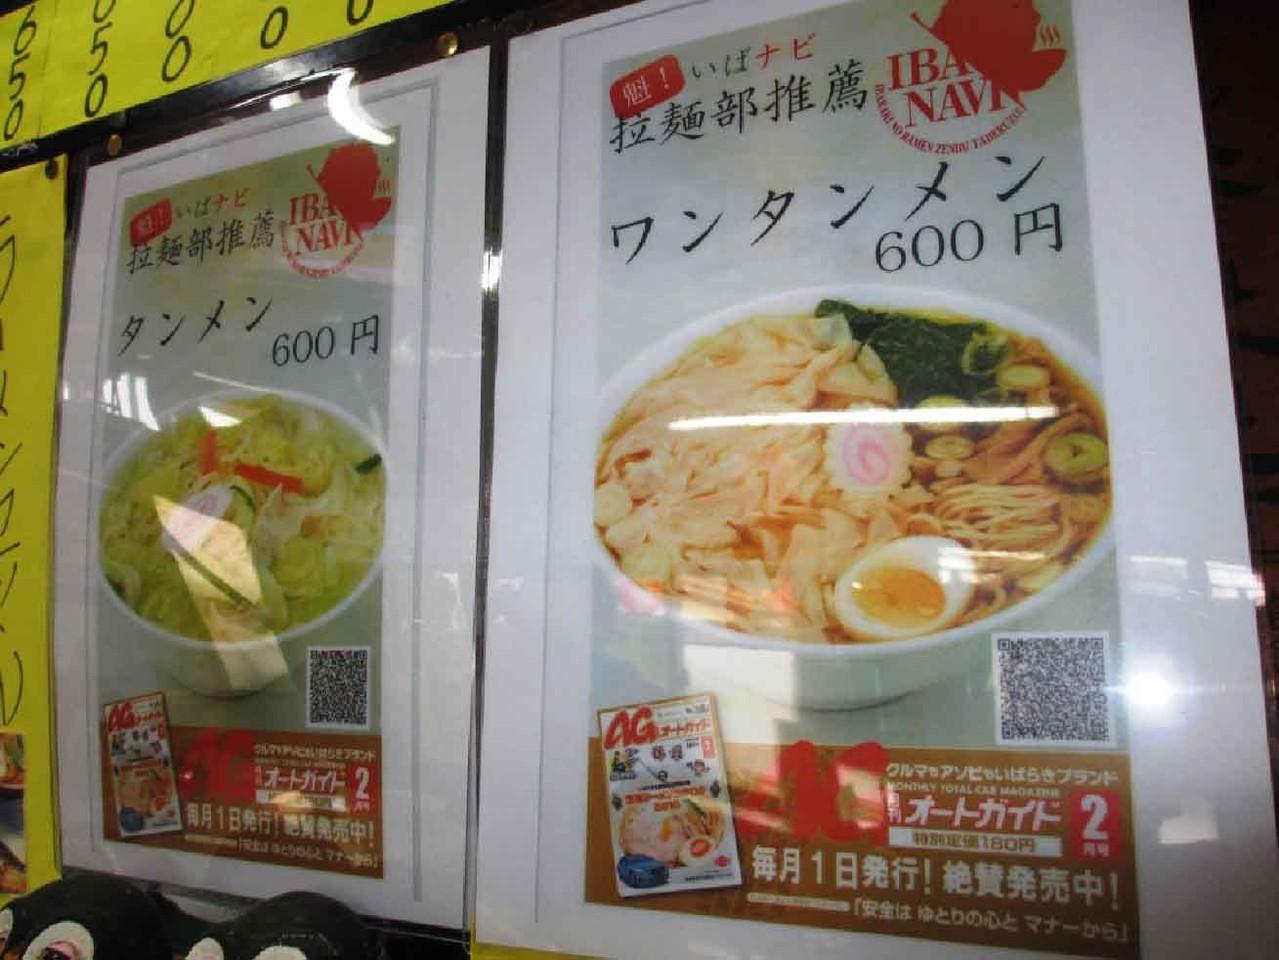 メニュー札の脇には「魁!いばナビ拉麺部」の推薦状が掲げられている。